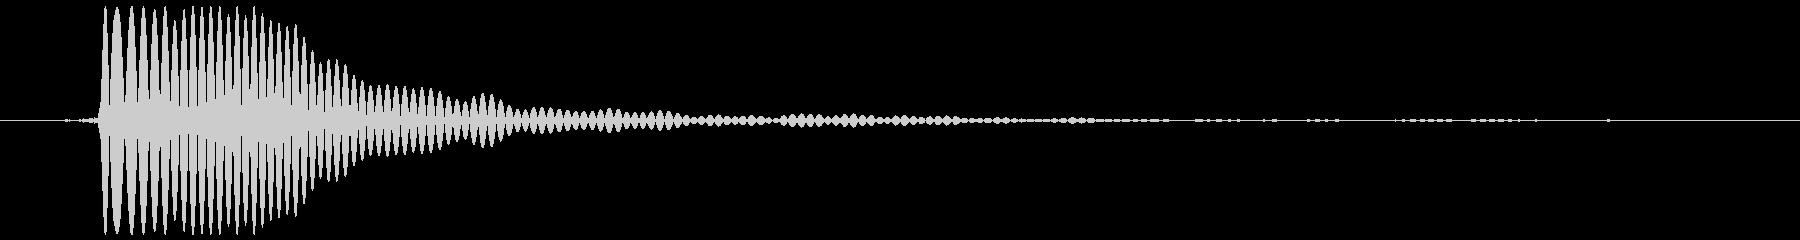 ポッ。蓋・栓・キャップをあける音(高め)の未再生の波形